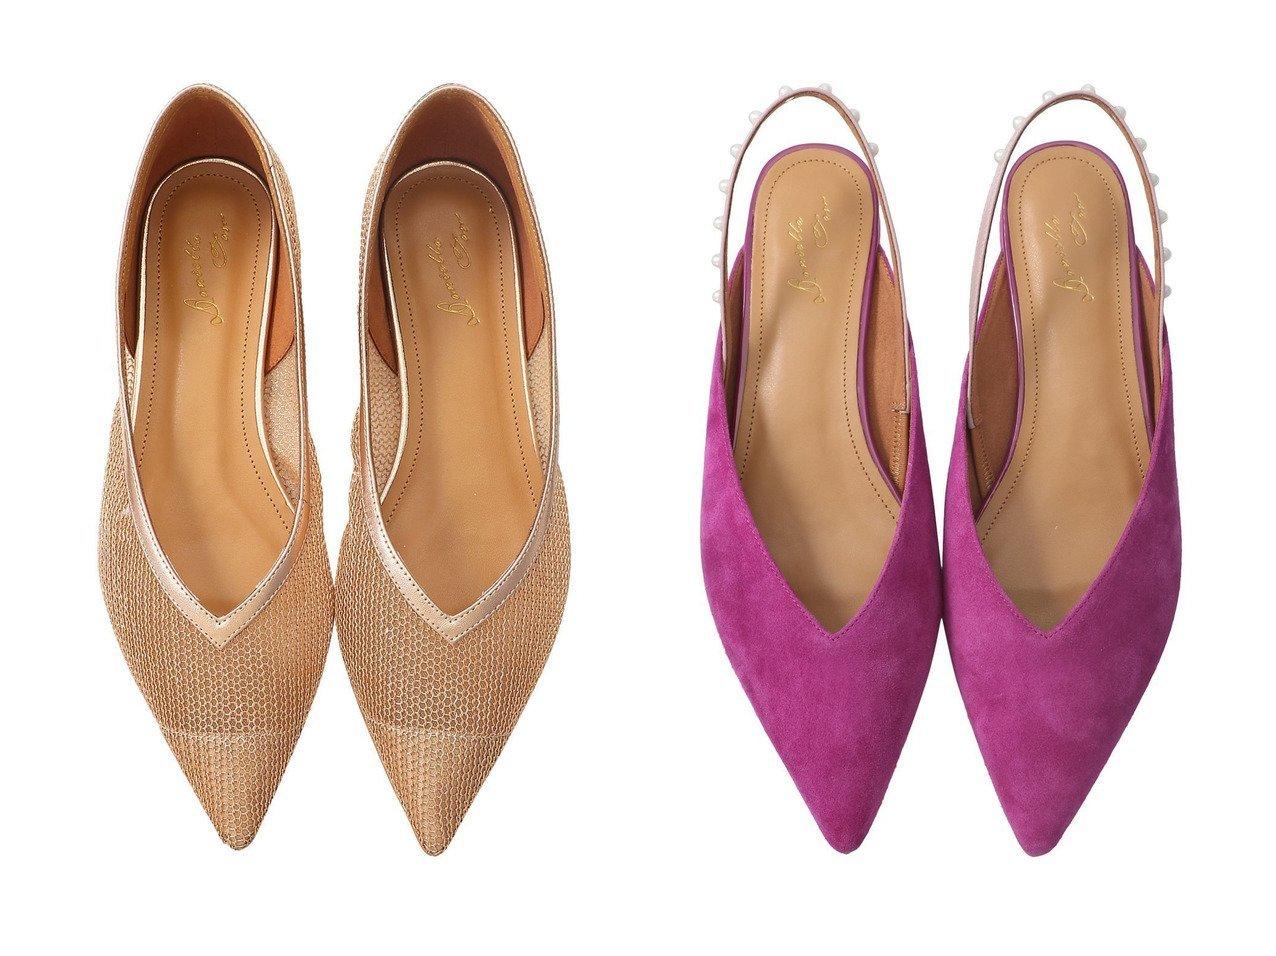 【Daniella & GEMMA/ダニエラ アンド ジェマ】のパールスリングバックフラットパンプス&メタリックメッシュフラットシューズ 【シューズ・靴】おすすめ!人気、トレンド・レディースファッションの通販 おすすめで人気の流行・トレンド、ファッションの通販商品 メンズファッション・キッズファッション・インテリア・家具・レディースファッション・服の通販 founy(ファニー) https://founy.com/ ファッション Fashion レディースファッション WOMEN バッグ Bag シンプル パール フェミニン フォルム フラット モチーフ シューズ トレンド マキシ メッシュ ワイド 人気  ID:crp329100000029166